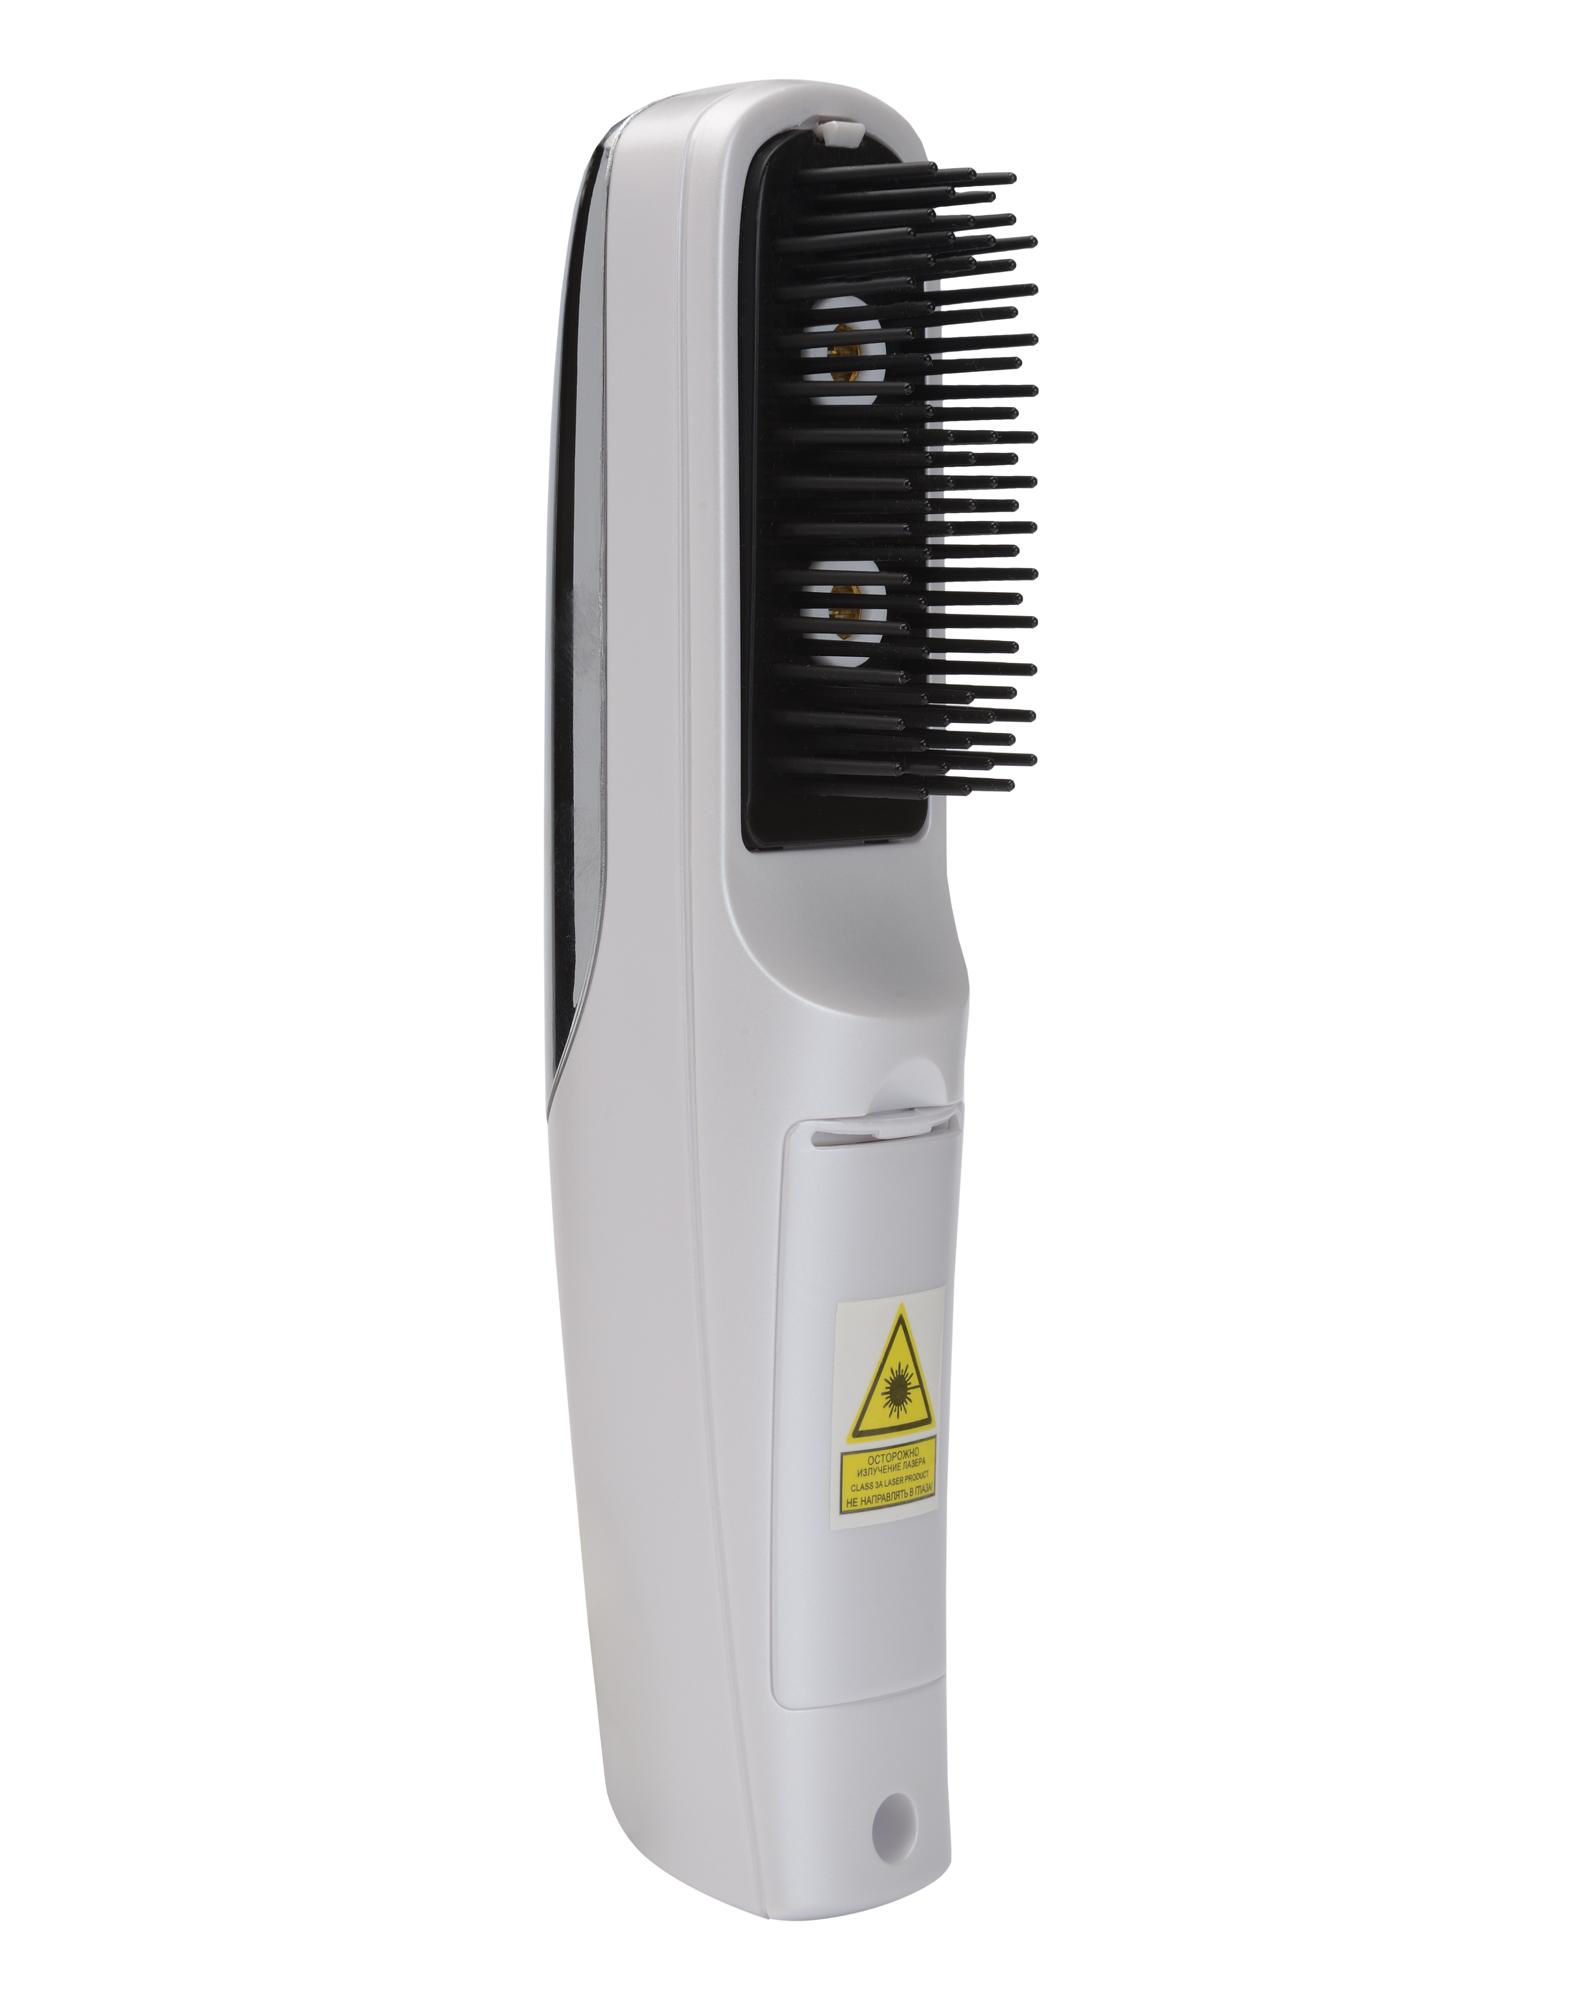 Gezatone HS586 Прибор для массажа кожи головы Laser Hair1301092SВ лазерной щетке Gezatone Laser Hair применяется лазерное излучение в сочетании с вибромассажем, эти две методики успешно применяются для различных целей, в том числе для восстановления волосистой части головы. Воздействие «мягким» лазером с низкой интенсивностью излучения стимулирует волосяной фолликул на производство волоса, в результатеволосы лучше растут и меньше выпадают, активизируются фолликулы, находящиеся в «спящем» состоянии. Но этим действие лазера не ограничивается, ведь именно низкоинтенсивный лазер запускает процесс восстановления энергетических процессов, то есть клетки восполняют дефицит энергии, укрепляя волосы, делая их более гладкими и блестящими.Лазерное излучение оздоравливает кожу, препятствуя появлению перхоти, снижает повышенную выработку кожного сала, улучшает выработку витамина D, который необходим волосам. Глубокий вибрационный массаж мягко и нежно стимулирует местный кровоток и лимфоток, снимает спазм сосудов головы, что приводит к снятию болевых синдромов, избавлению от стресса и усталости.Благодаря вибромассажу волосяные луковицы активно насыщаются кислородом, получают больше питательных веществ, и, как следствие, продуцируют более здоровый волос. Кроме того, лазерная расческа для волос оказывает расслабляющее действие, это превосходный массаж головы после тяжелого дня. Купить лазерную расческу стоит и в профилактических целях, ведь она прекрасно улучшает качество волос, укрепляет их изнутри, делая волосы более упругими, сильными и блестящими! Щётка работает от батареек. Комплектация:1. Лазерная щетка - 1 шт. 2. Инструкция по эксплуатации - 1 шт. Замечание: элементы питания не входят в комплект поставки.